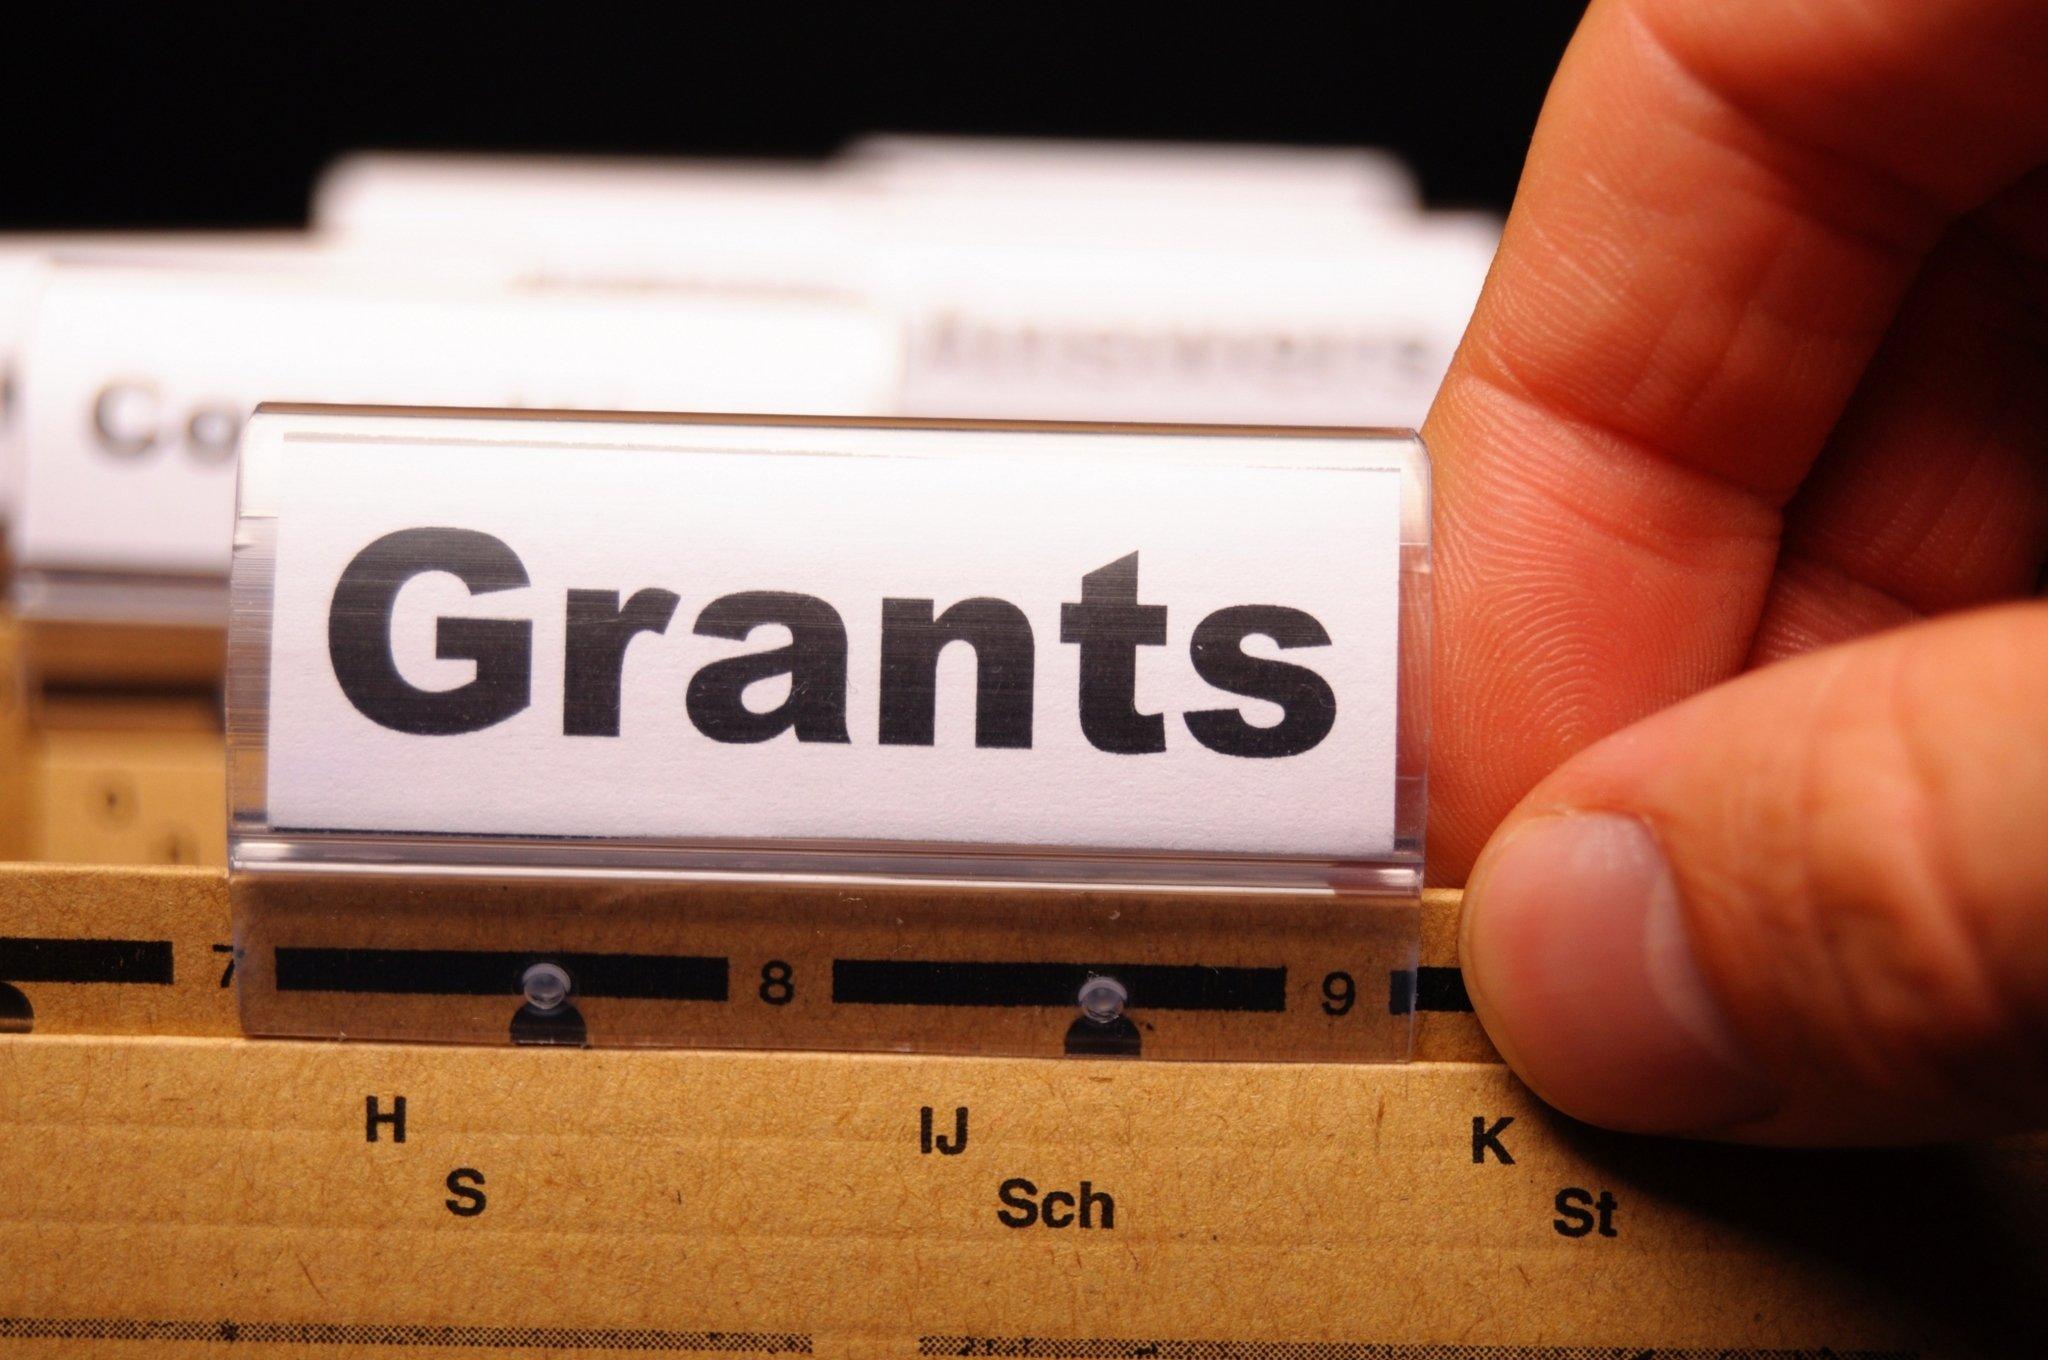 Что такое грант, как получить грант от государства на открытие и развитие бизнеса — abcbiznes